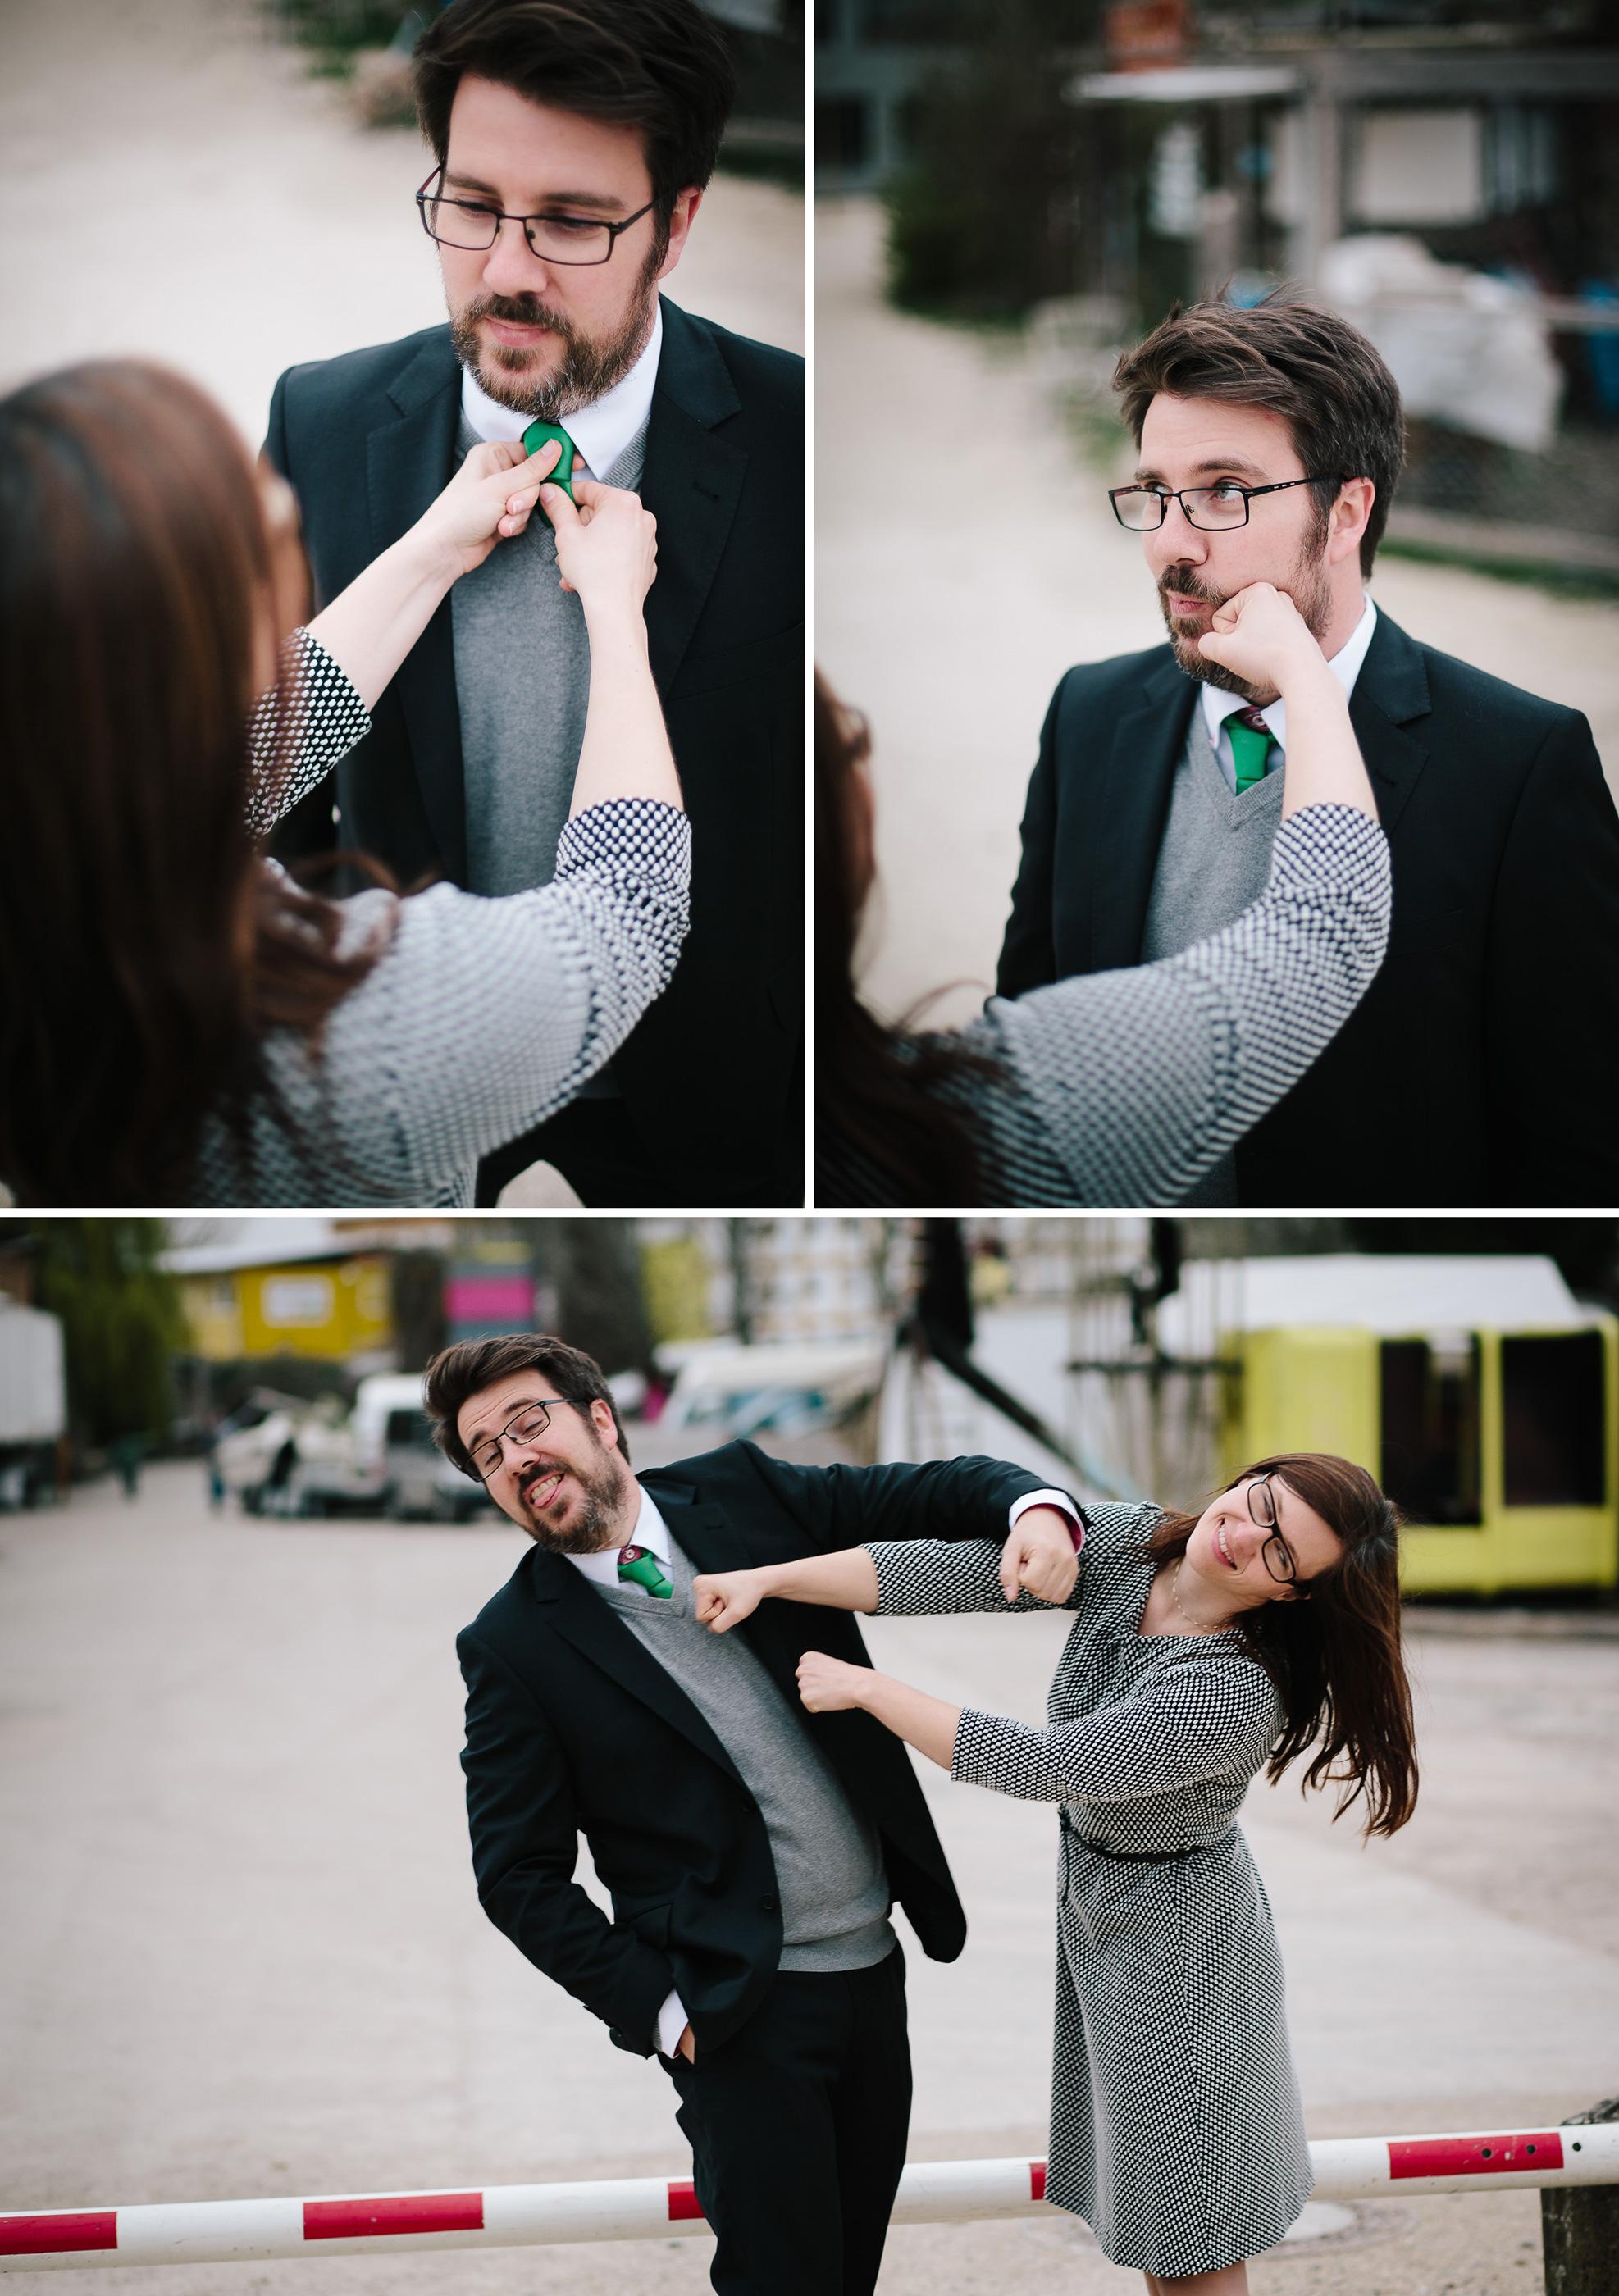 Verena-und-Rainer-Engagement-Foto-Avec-Amis-58